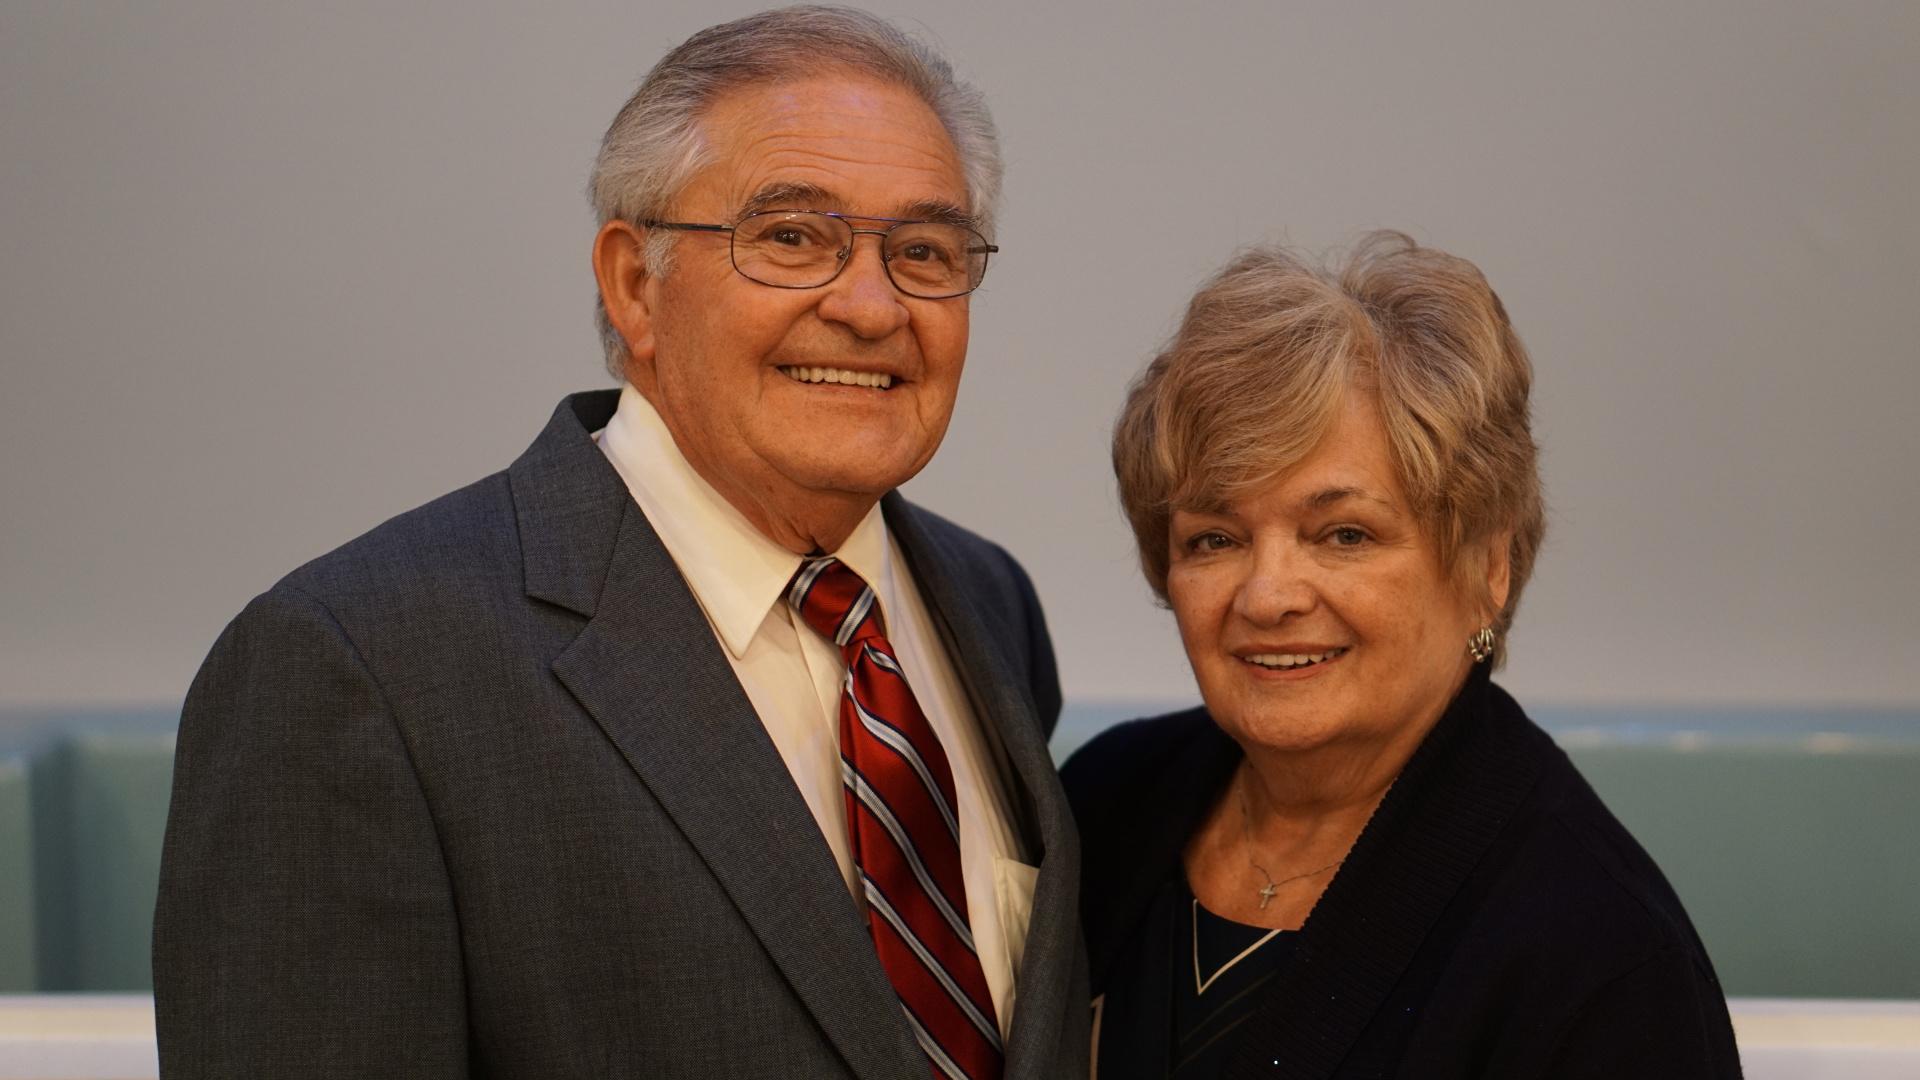 Senior pastor Dr. Lyn Jackson